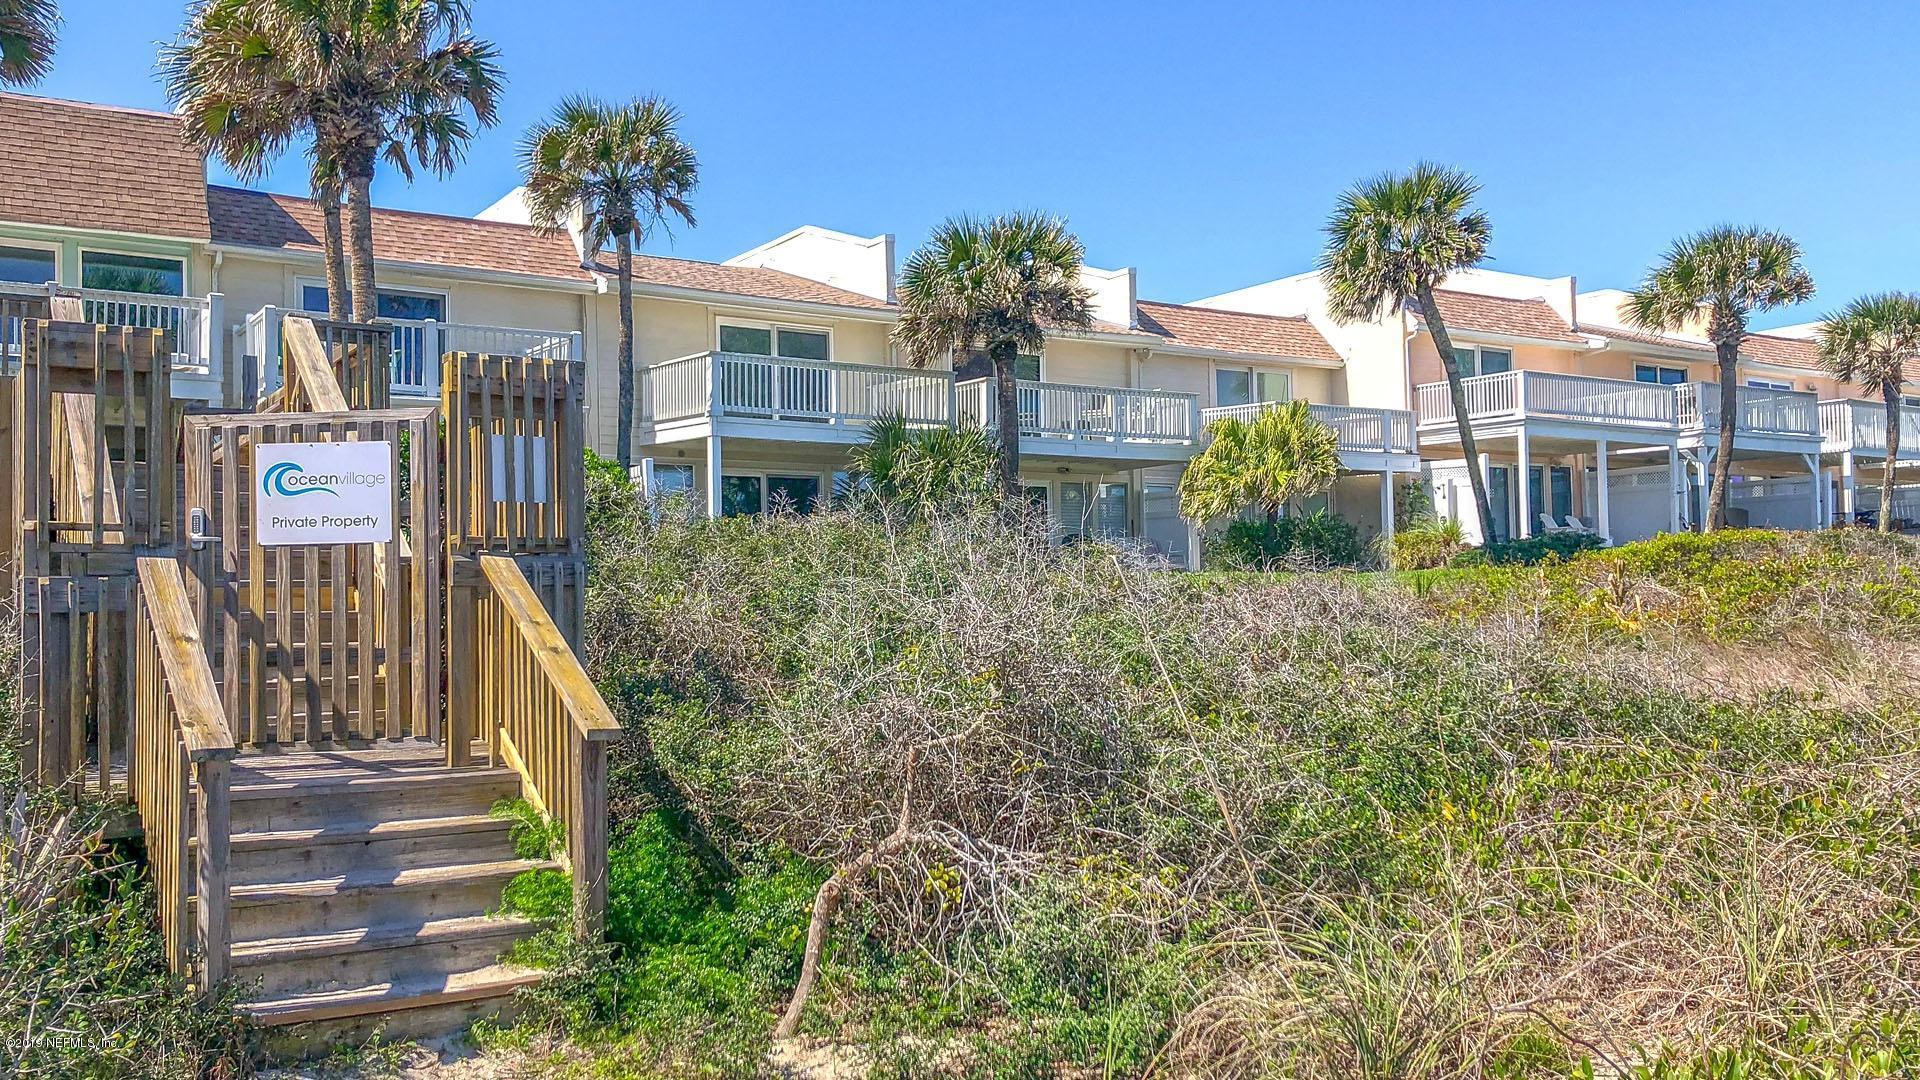 2233 SEMINOLE, ATLANTIC BEACH, FLORIDA 32233, 3 Bedrooms Bedrooms, ,2 BathroomsBathrooms,Residential - condos/townhomes,For sale,SEMINOLE,981883